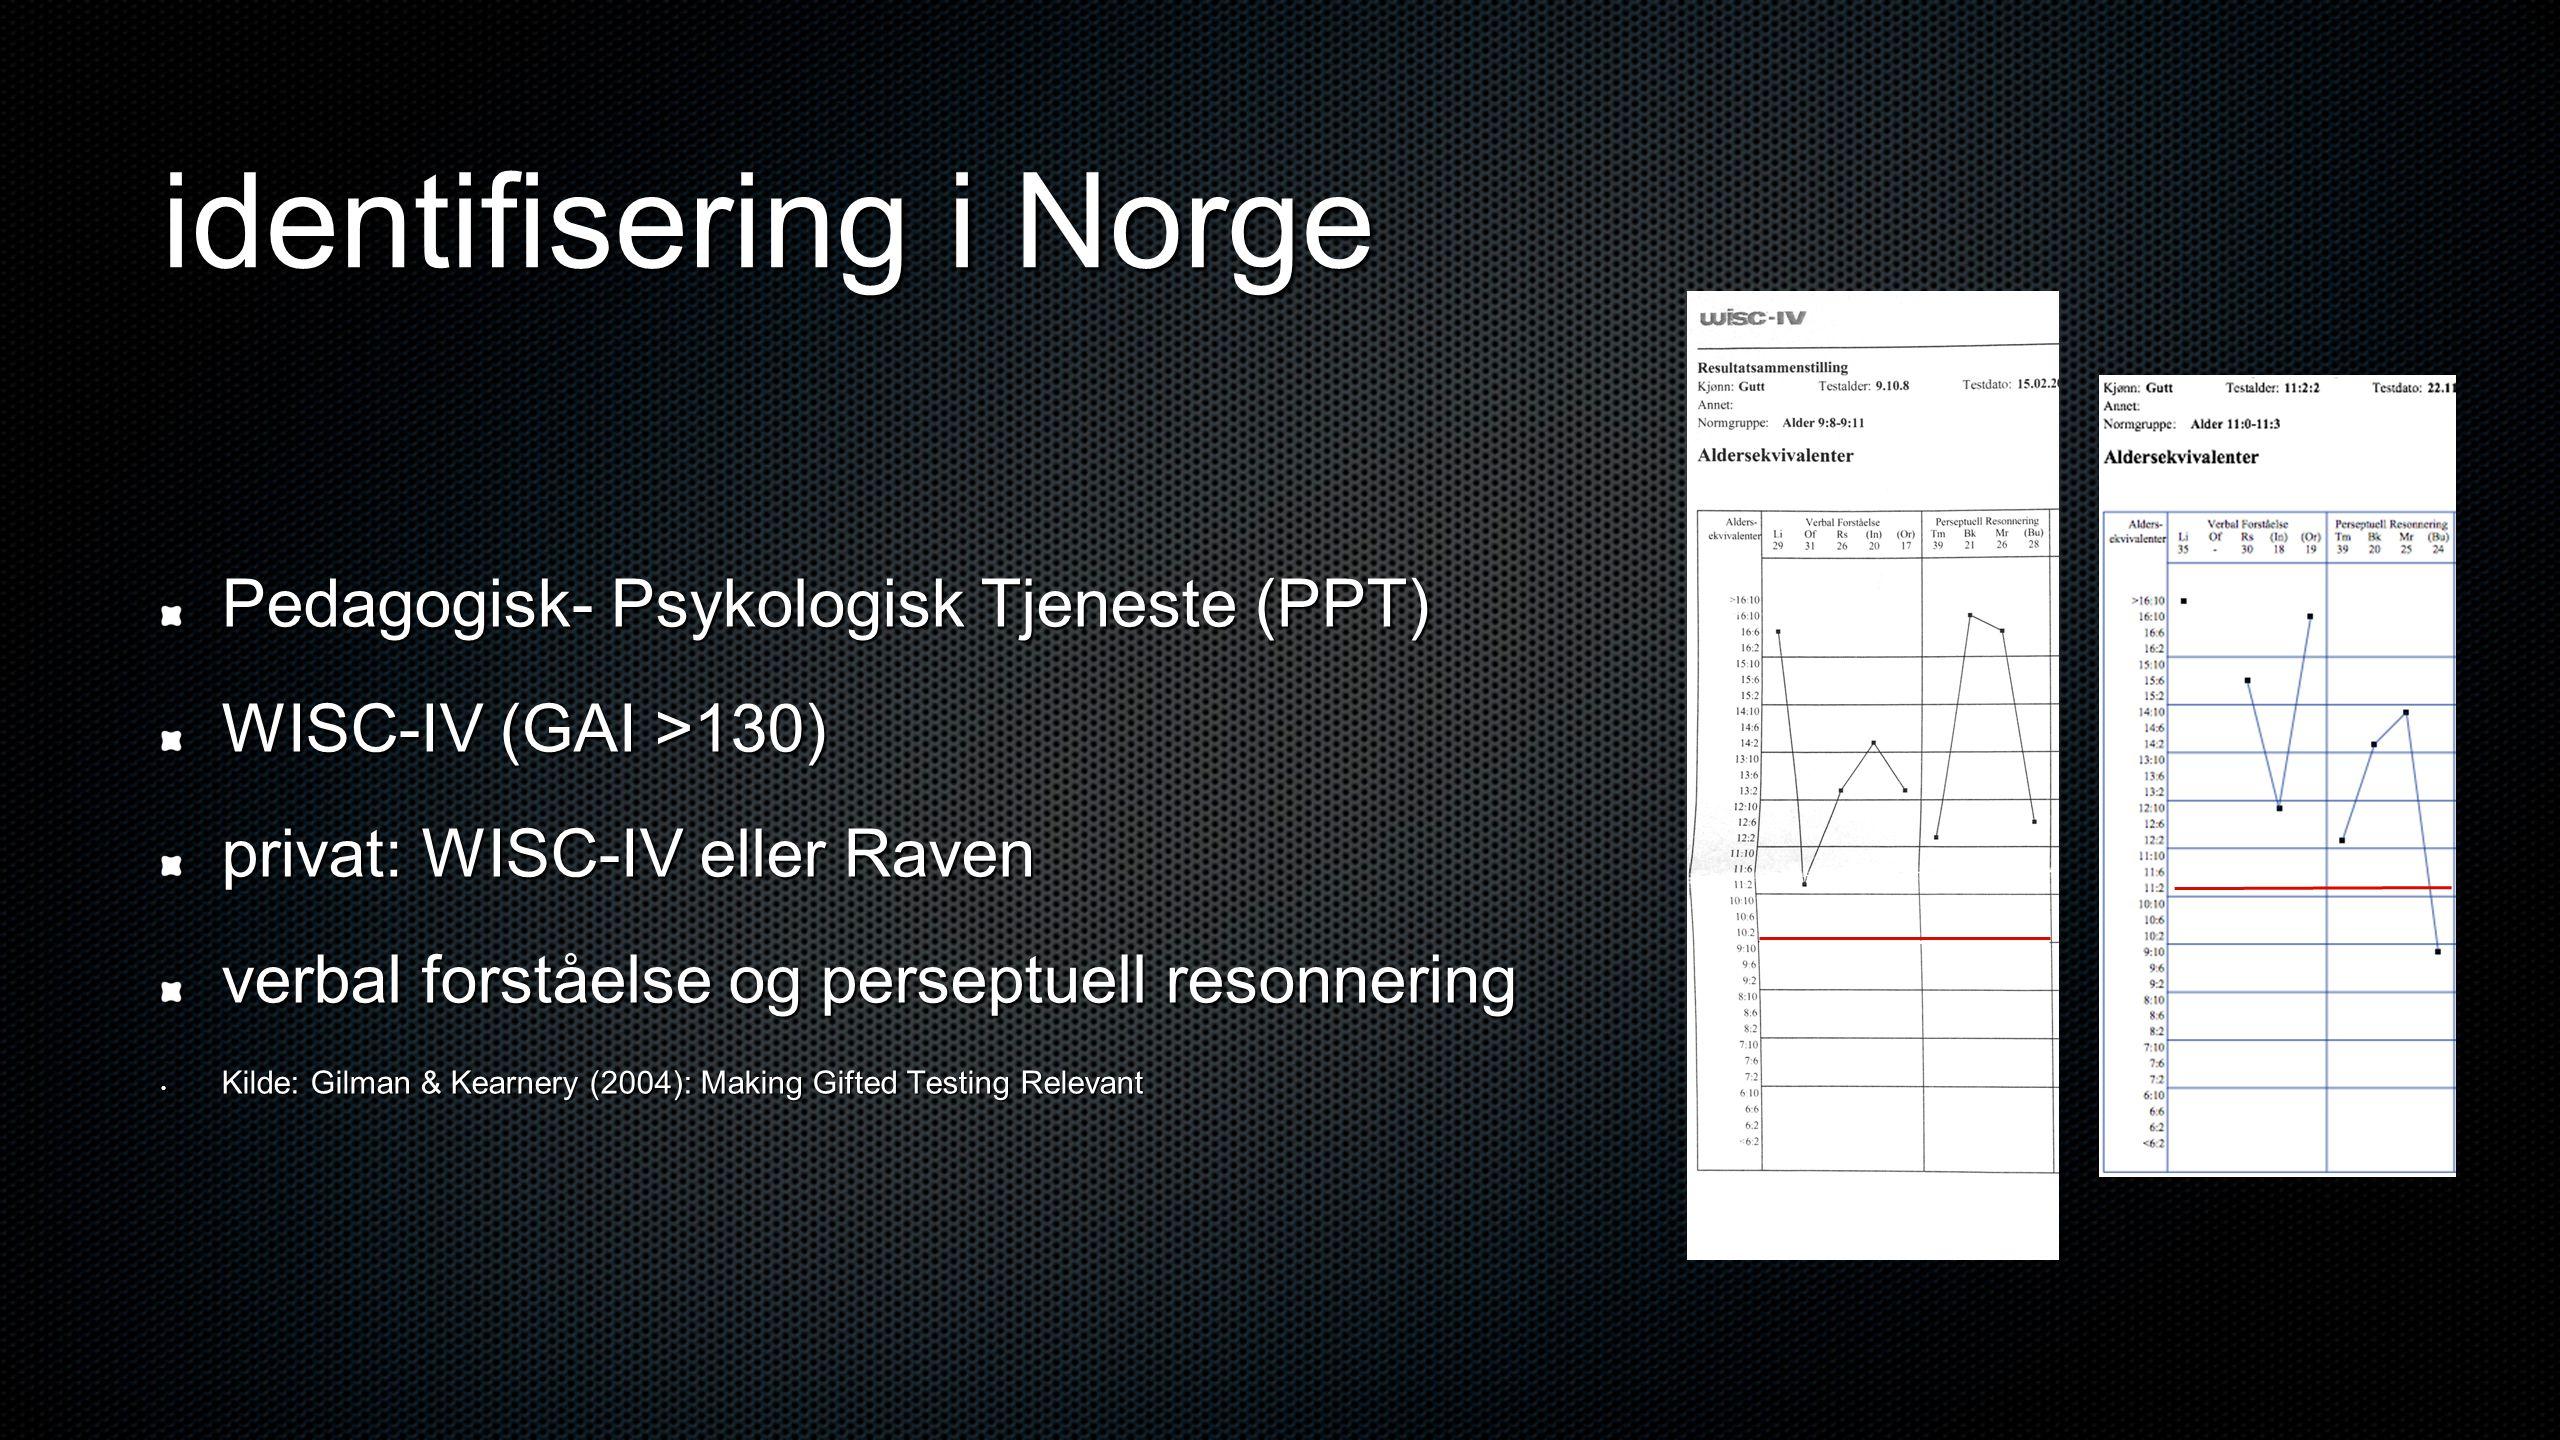 identifisering i Norge Pedagogisk- Psykologisk Tjeneste (PPT) WISC-IV (GAI >130) privat: WISC-IV eller Raven verbal forståelse og perseptuell resonnering • Kilde: Gilman & Kearnery (2004): Making Gifted Testing Relevant